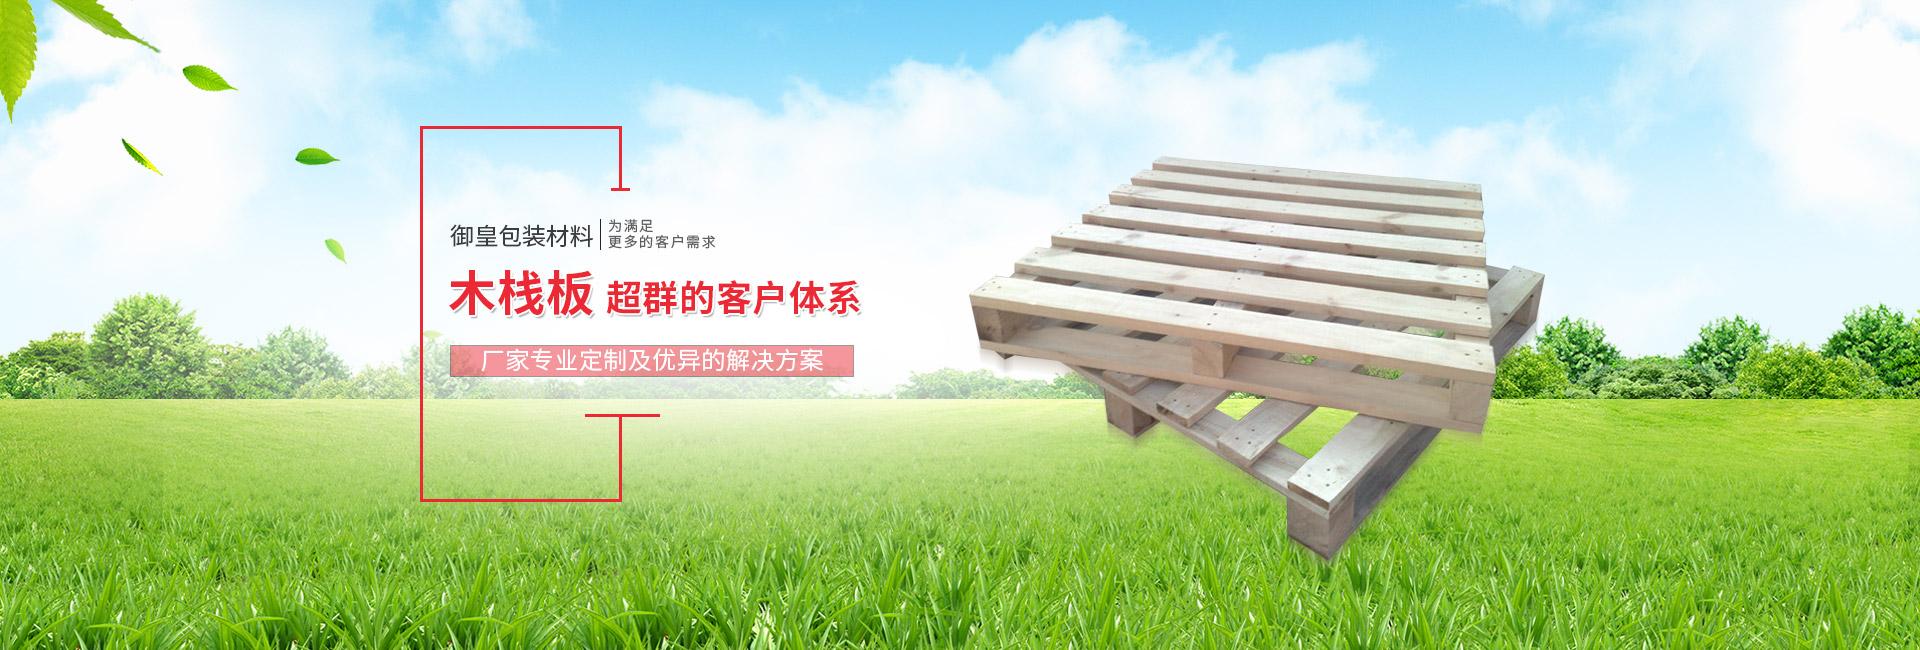 上海免竞博电竞官方网址电竞竞博